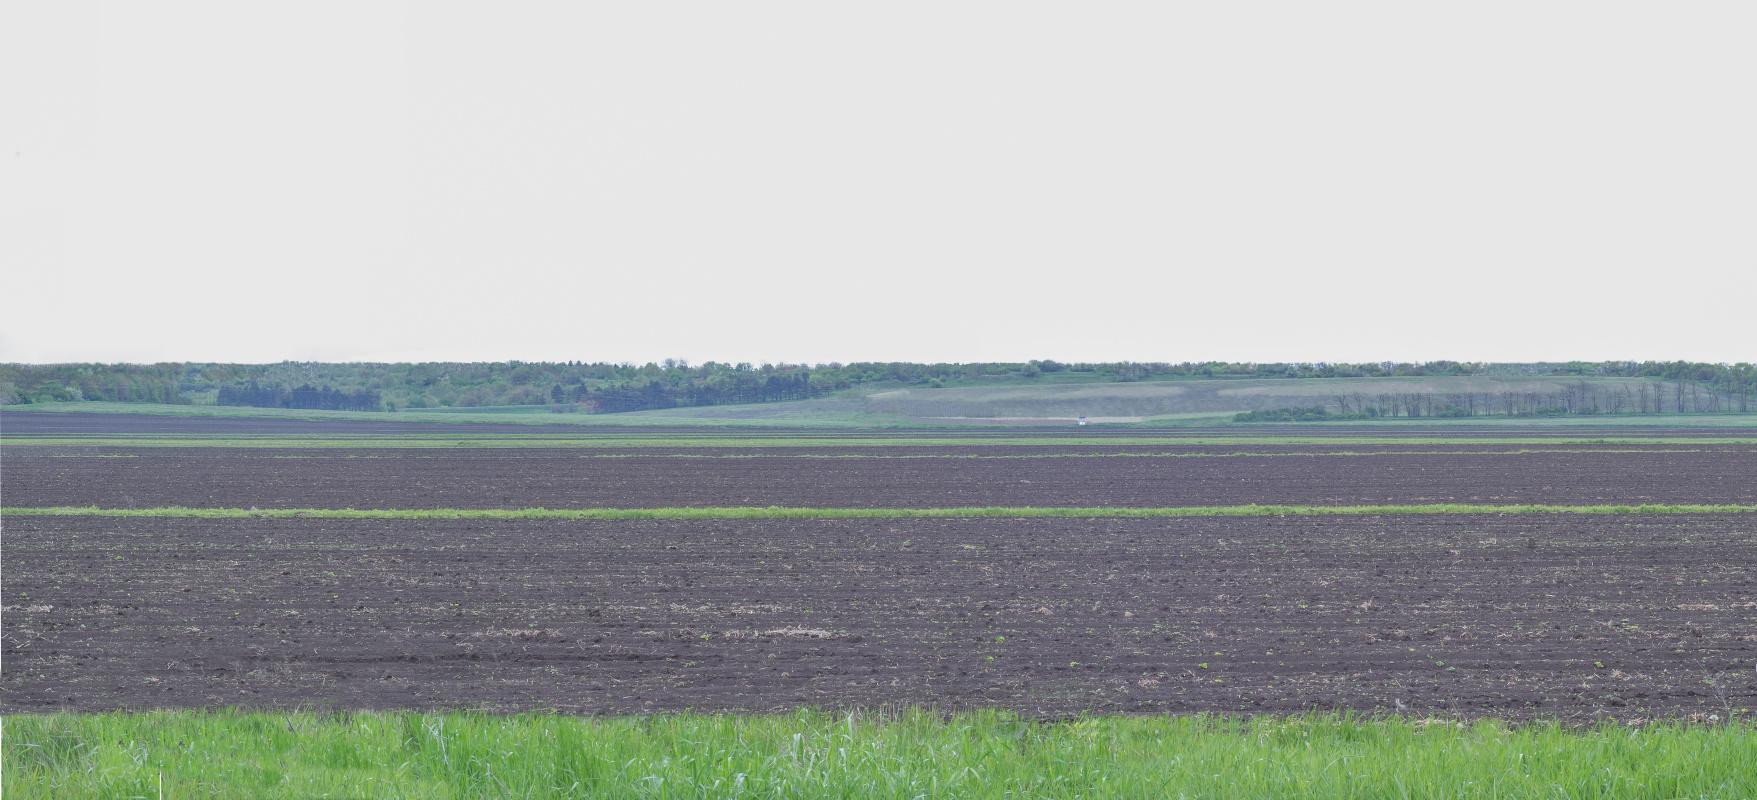 Кирилл Александрович Гончаров. Field 1